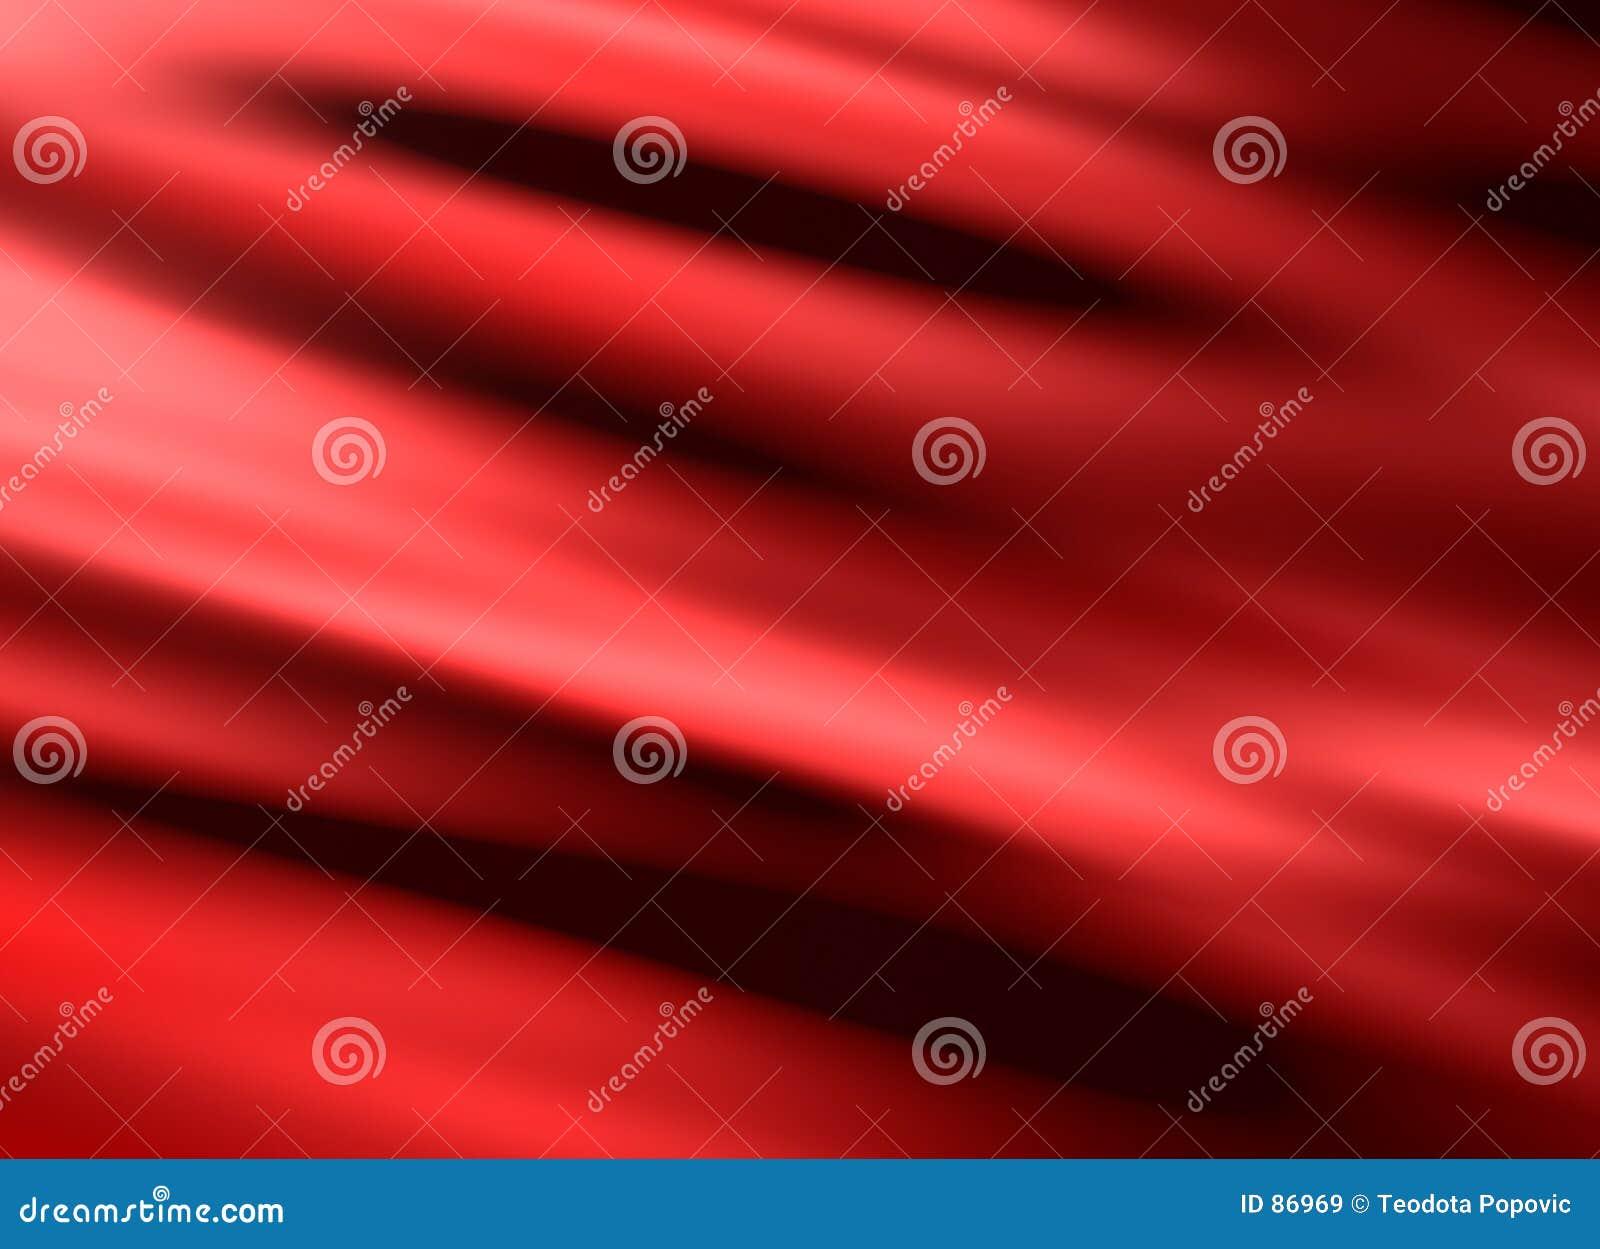 抽象背景红色